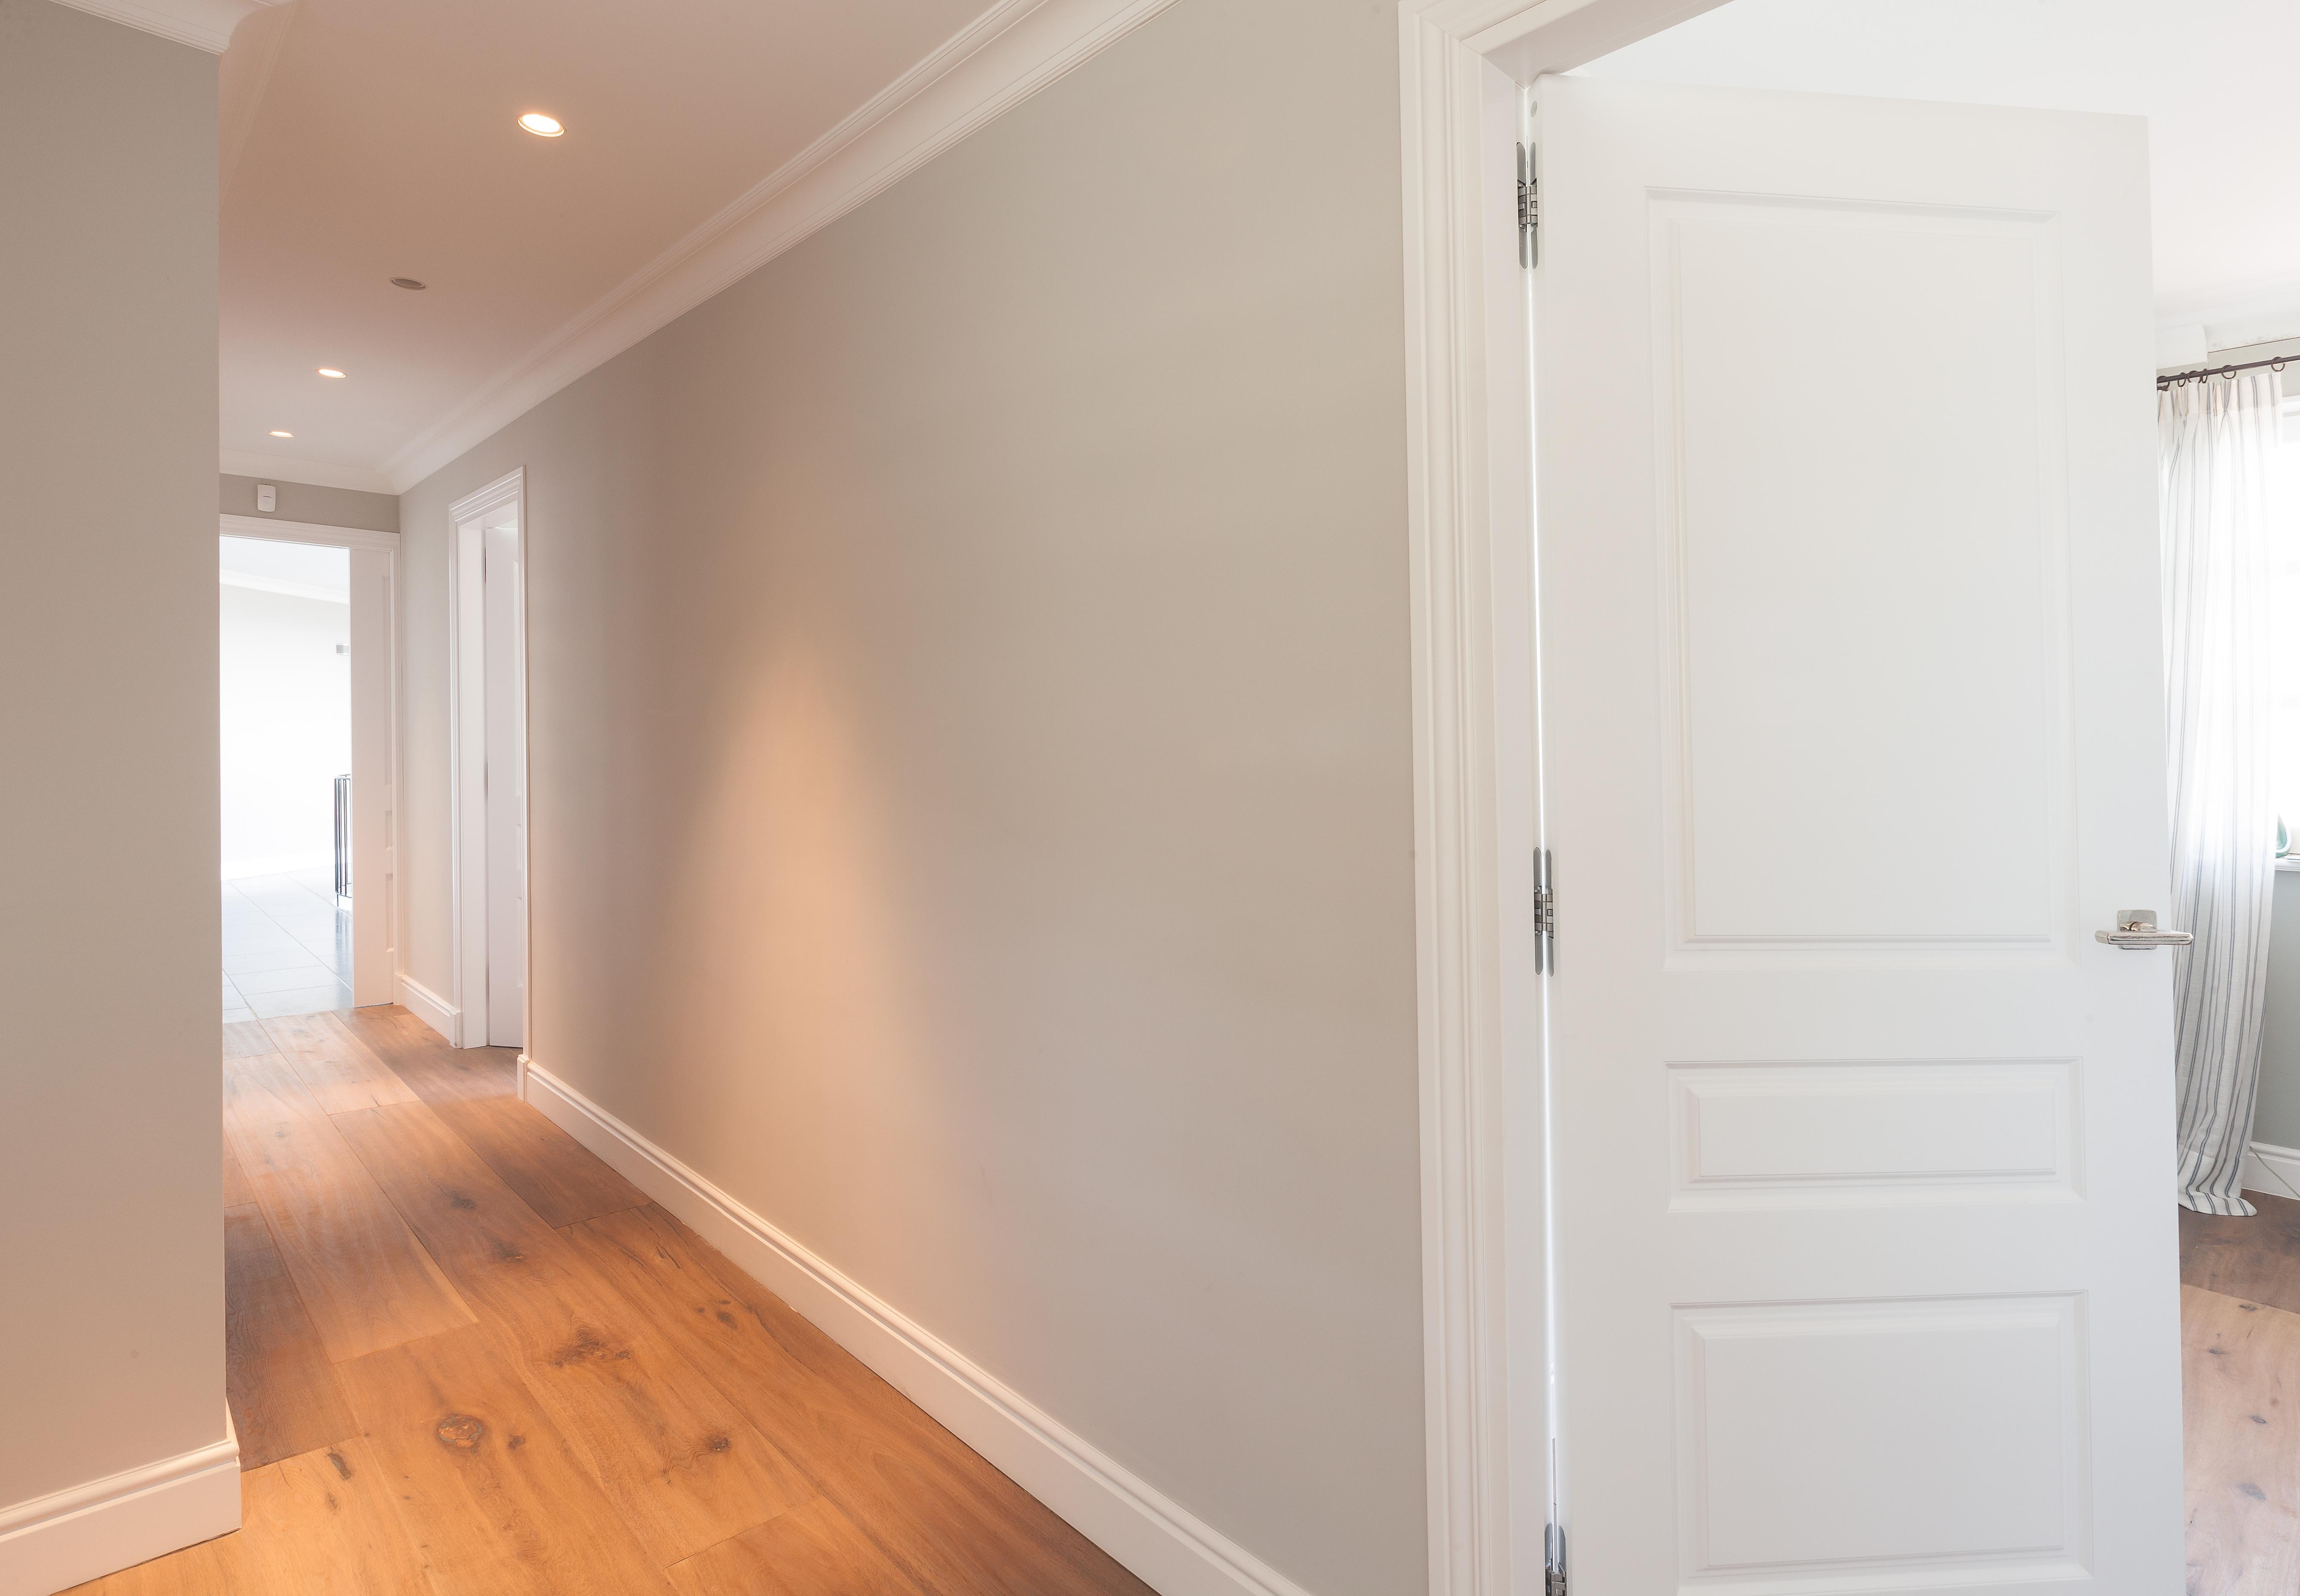 Pasillo parquet y puertas de madera sanc s puertas y for Suelo gris y puertas blancas